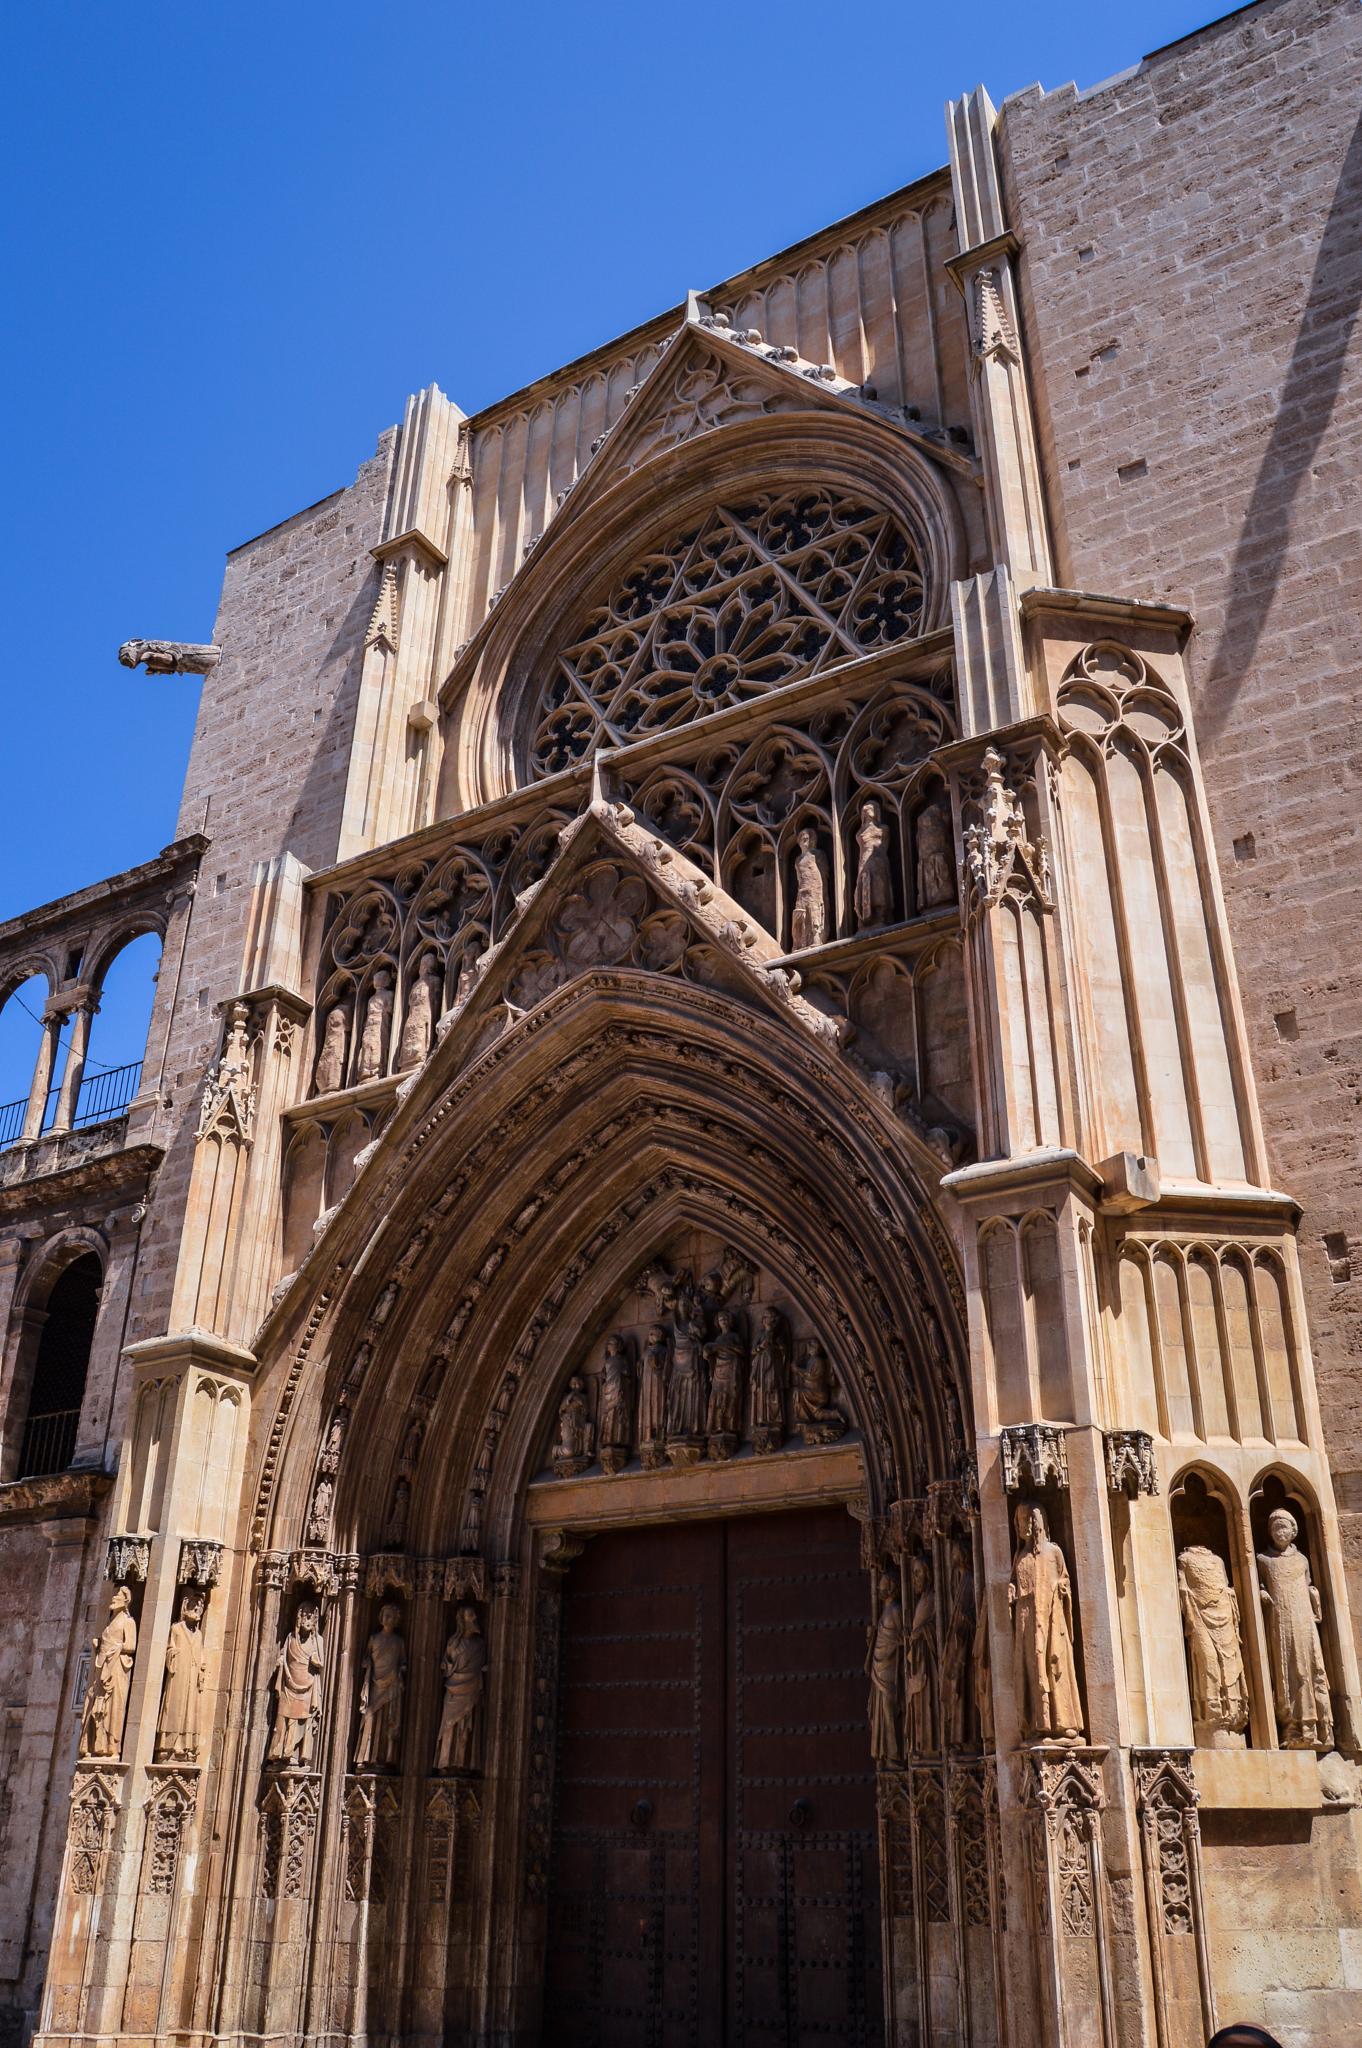 Puerta de los Apóstoles, Catedral de Valencia (Valencia - Spain) by Angel Alicarte Lopez